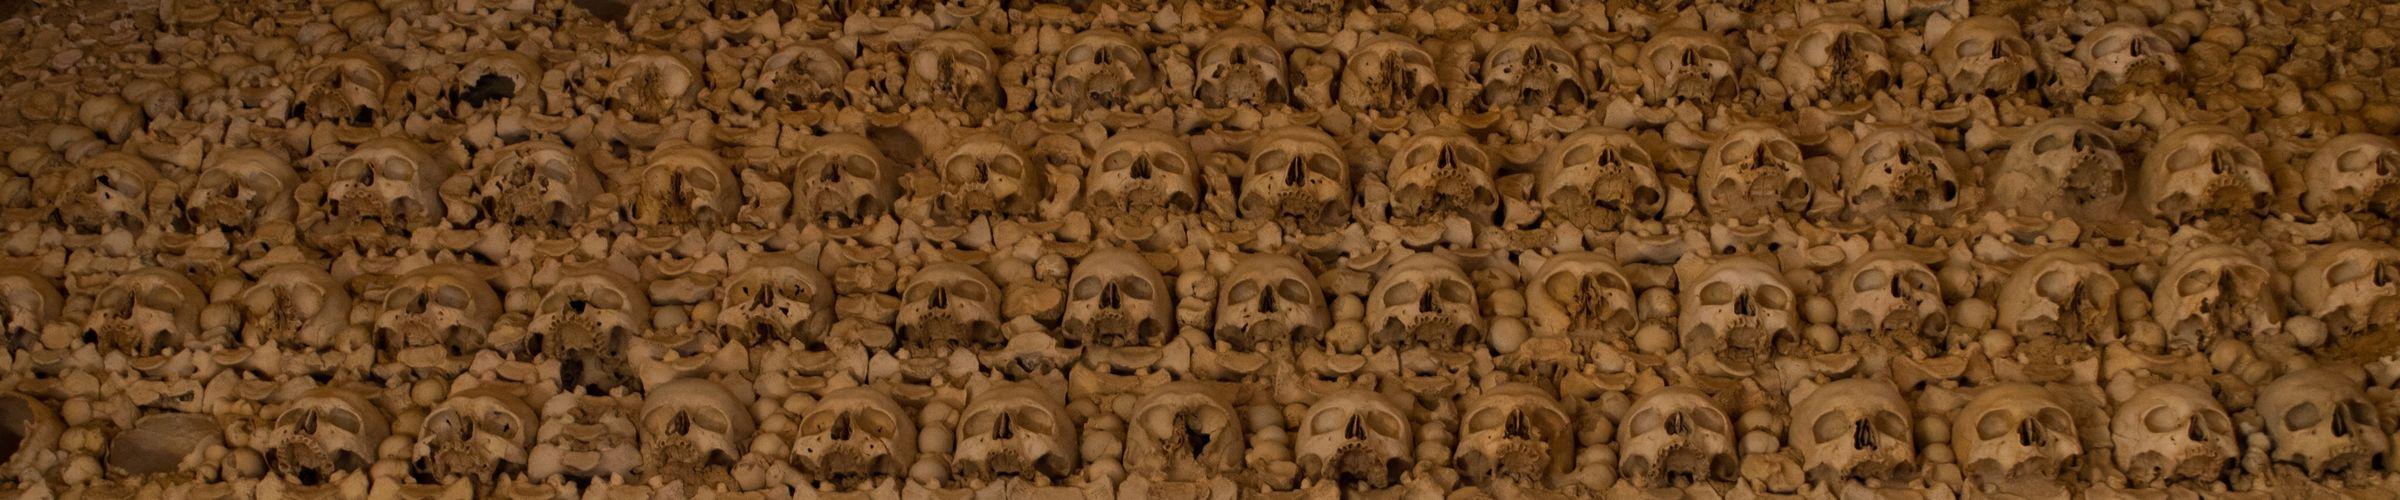 Portugal Skulls